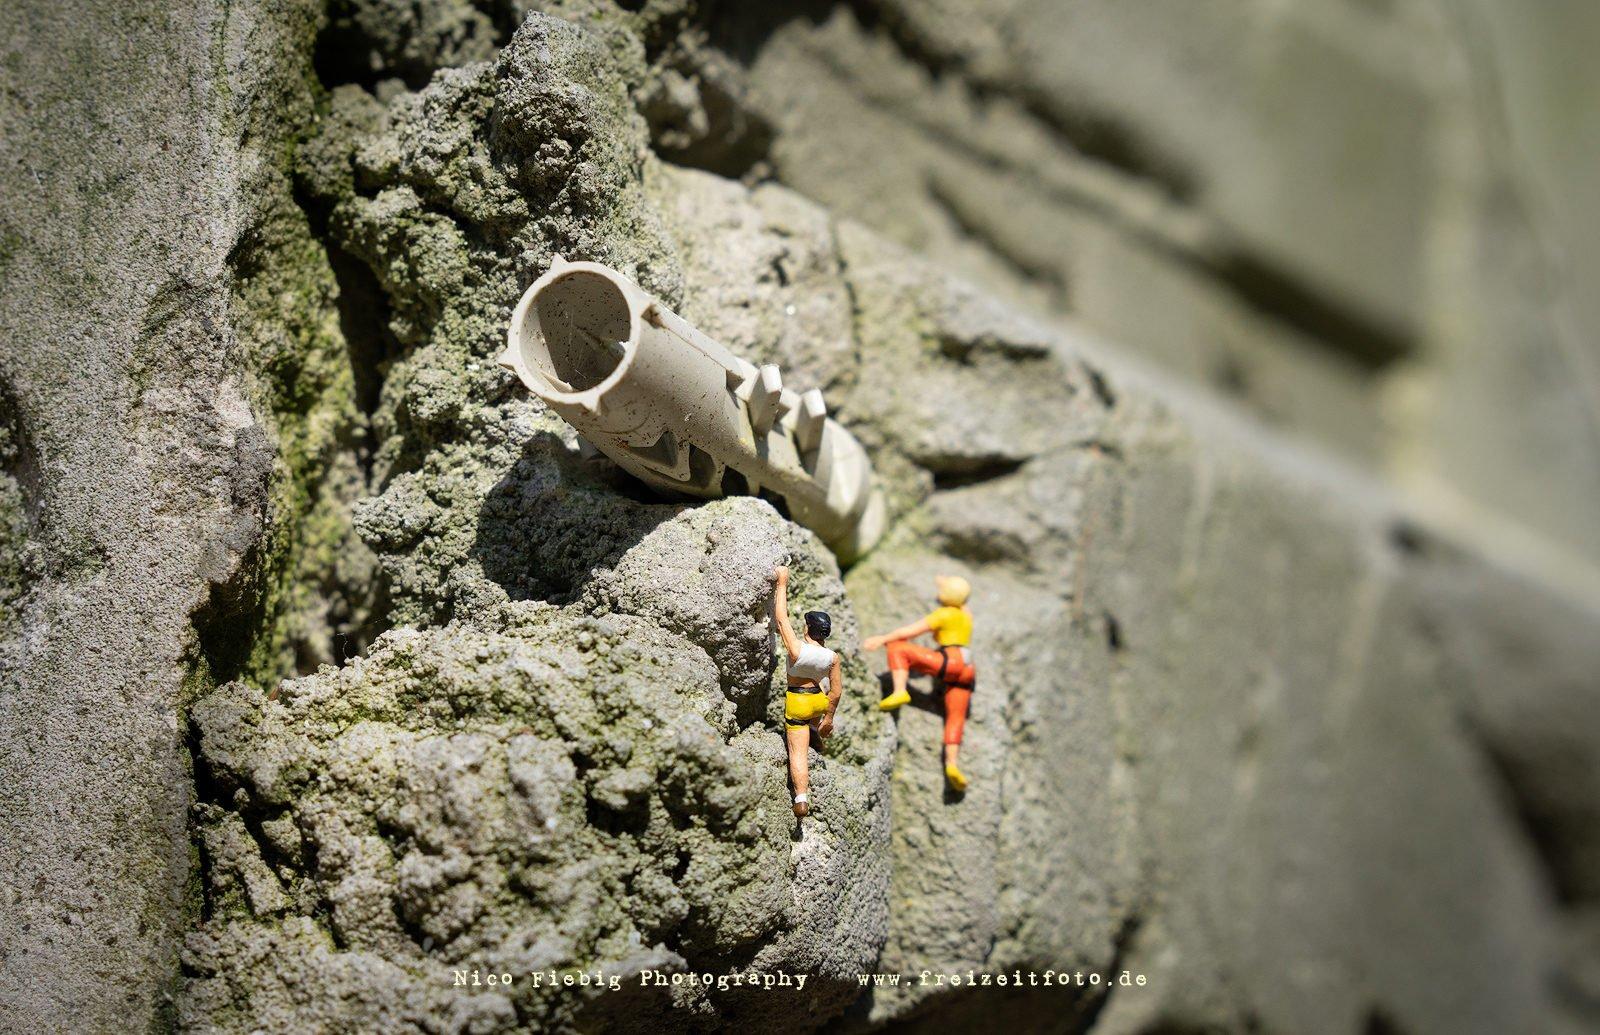 Tatiana und Katrin entdecken auf einem Lost Place ein unbekanntes Objekt. Was werden die beiden Sportkletterinnen tun?